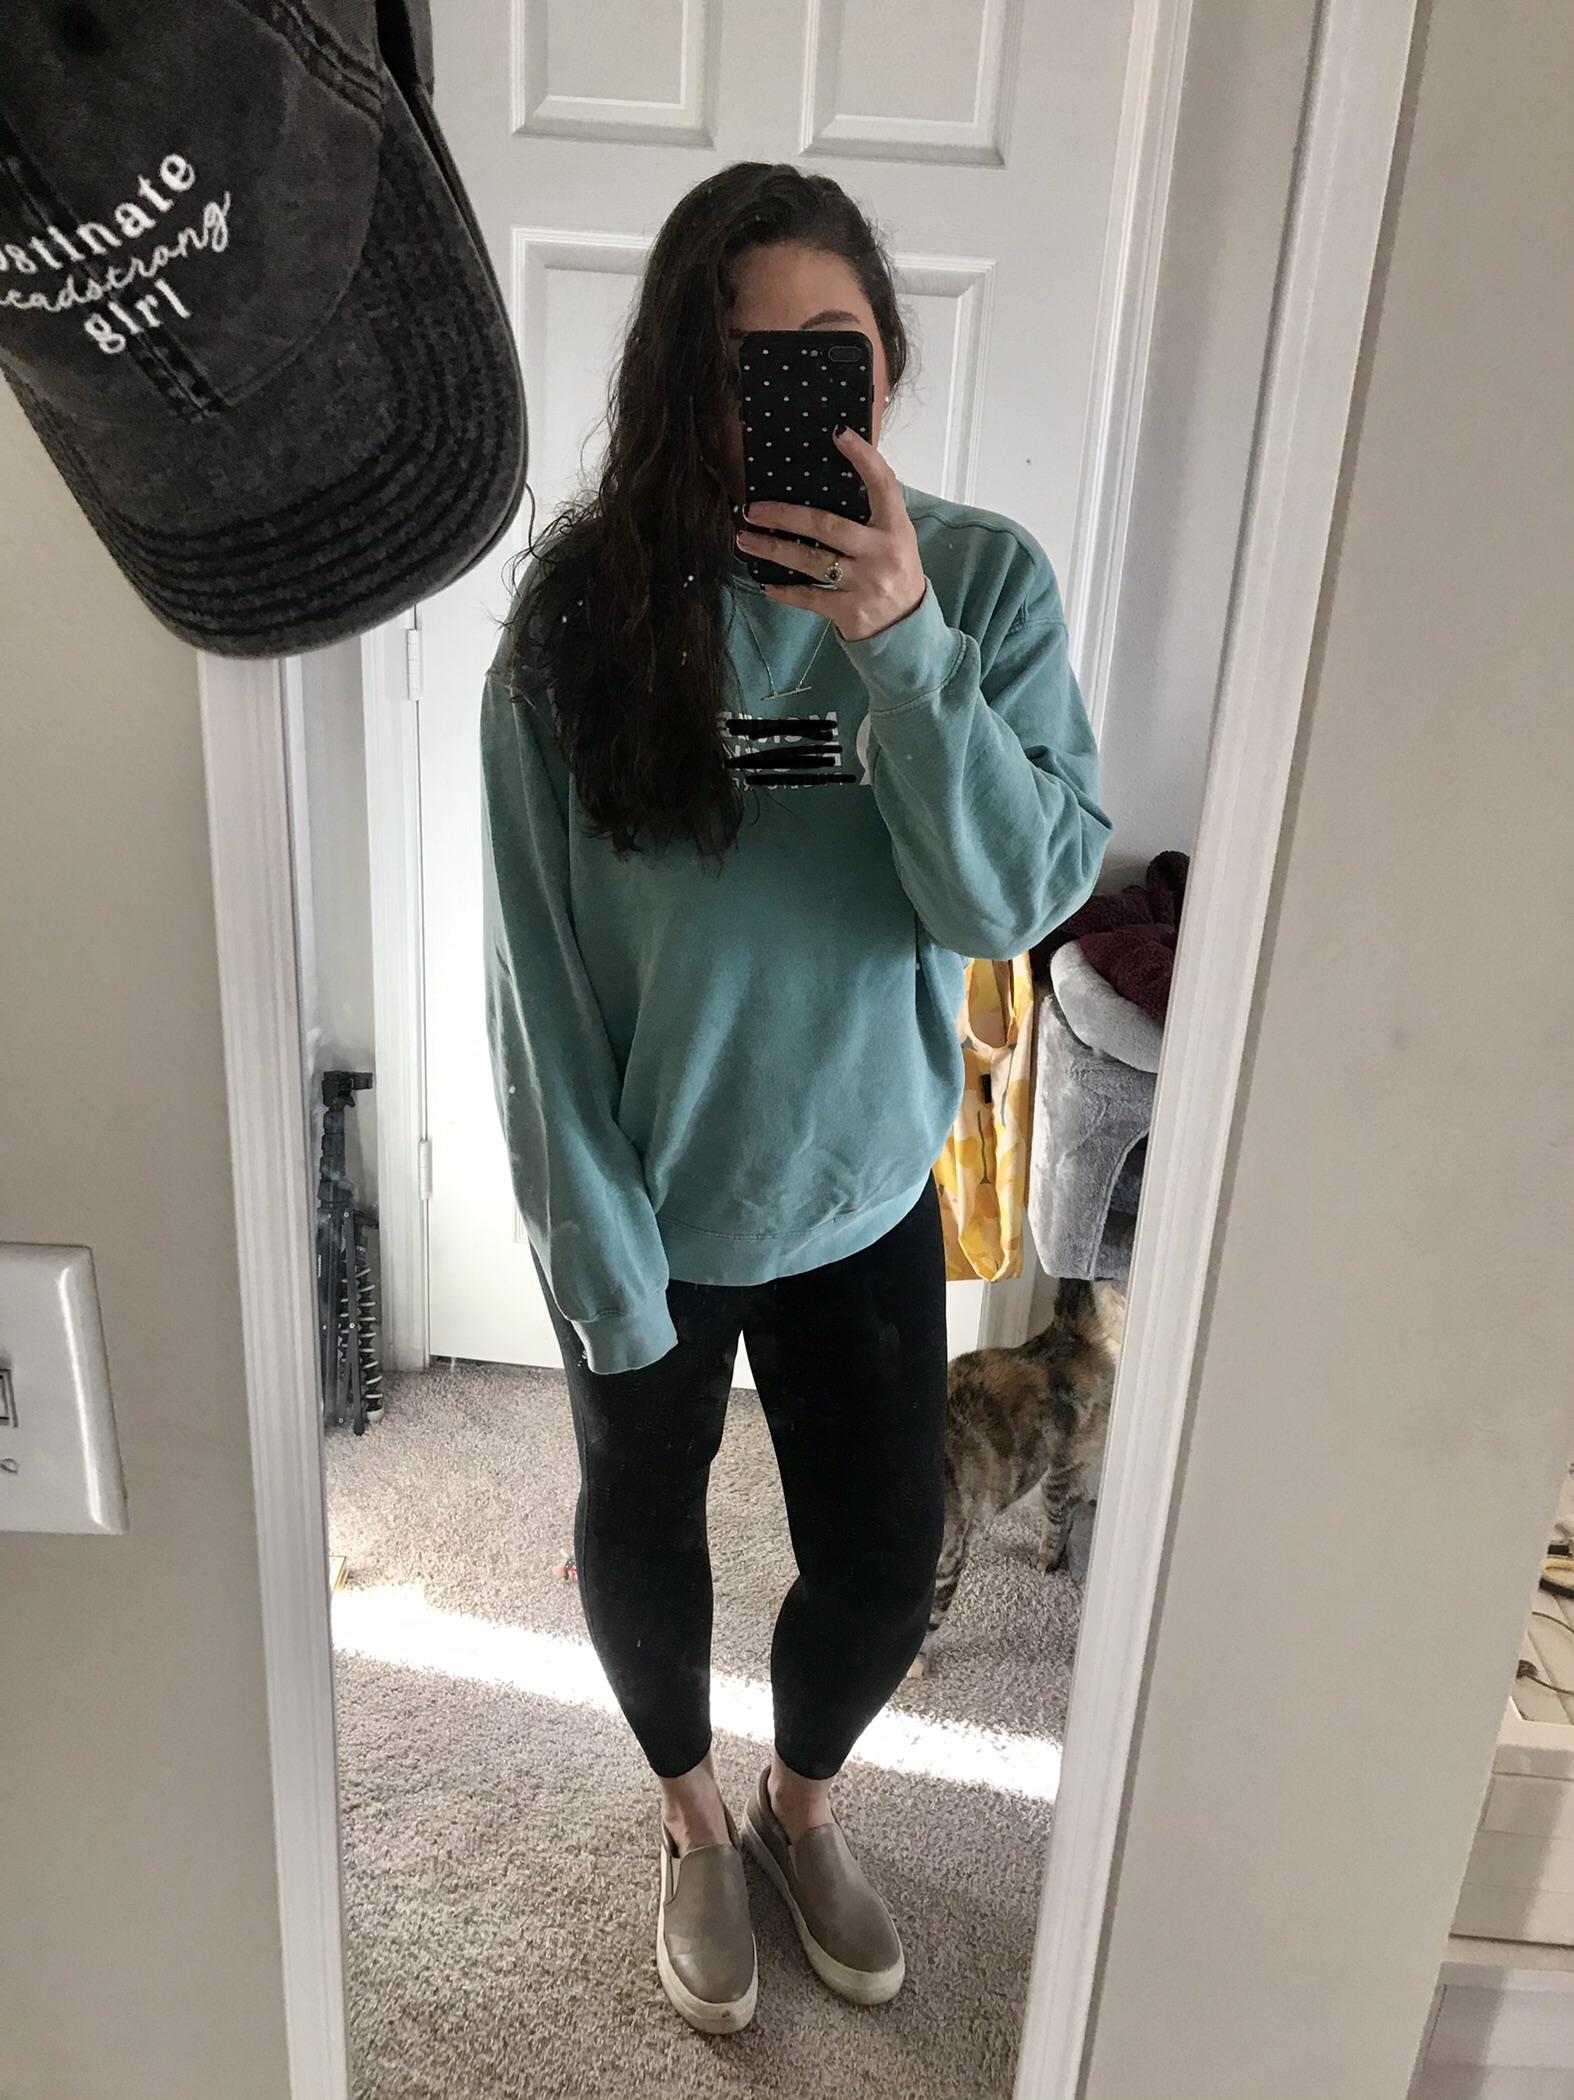 Girl in teal sweatshirt with black leggings